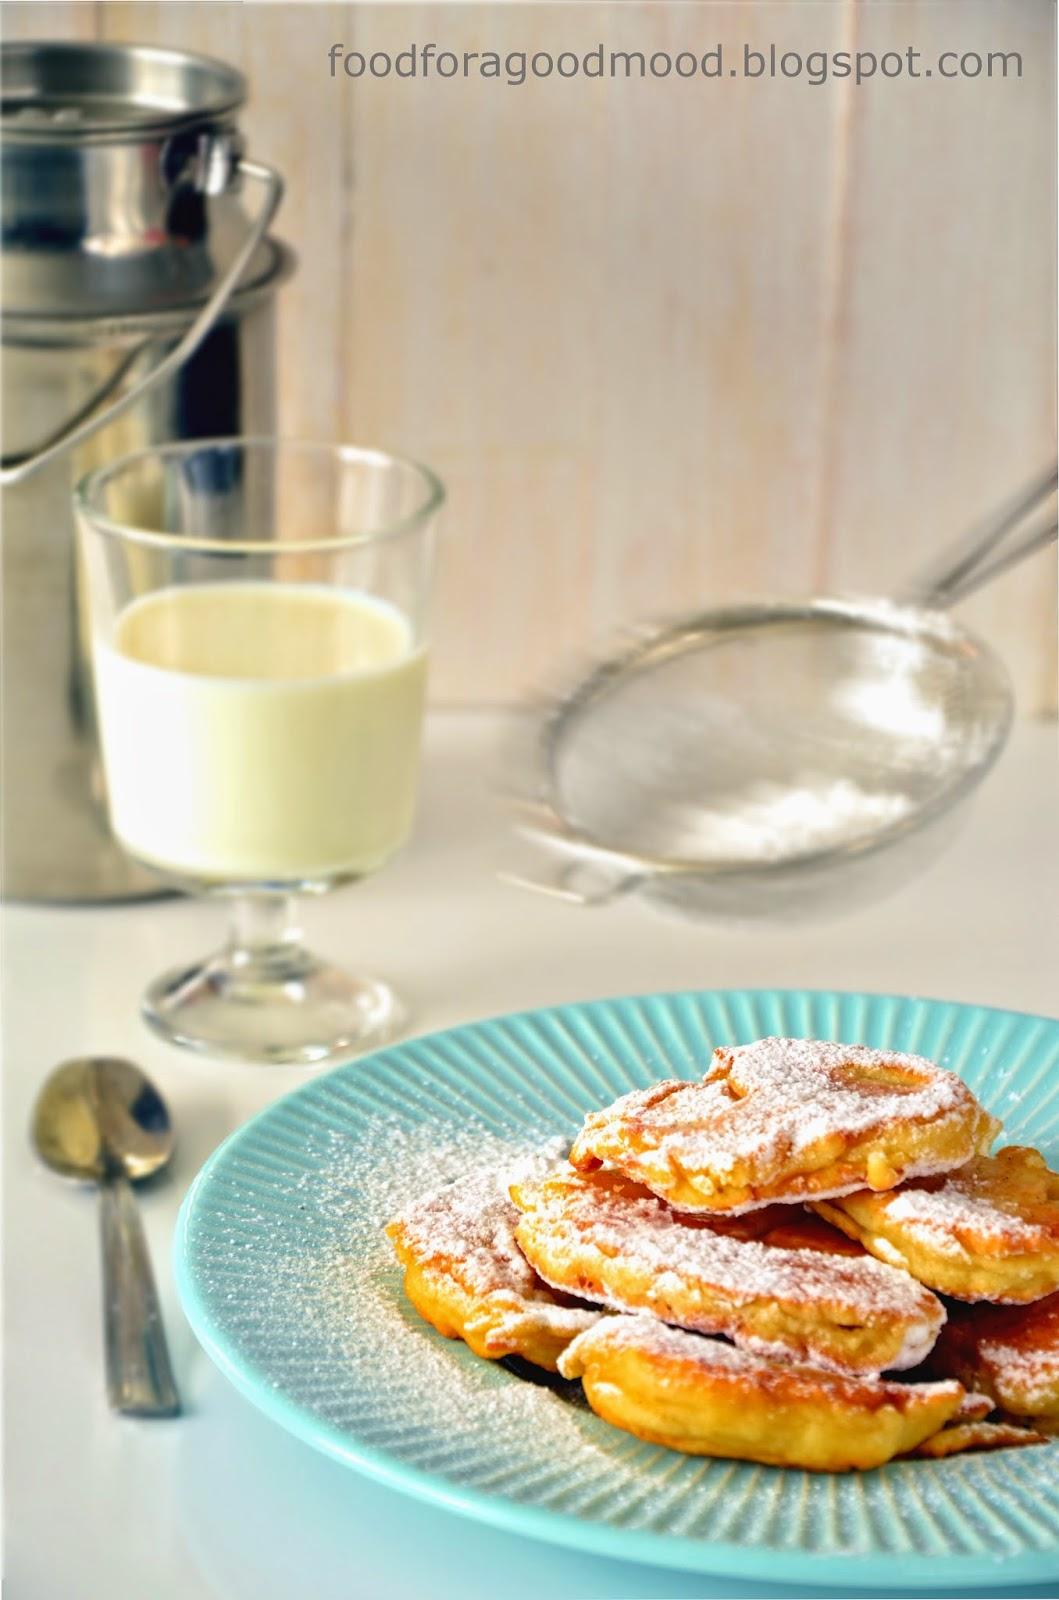 Proste danie, które w bardzo przyjemny sposób zaskakuje smakiem. Lekka słodycz przeplata się tutaj z odrobiną cytryny i wanilią. Dodatkowo smak podkręca masło klarowane. Dzieciaki oszaleją, ale dorośli też będą zadowoleni.